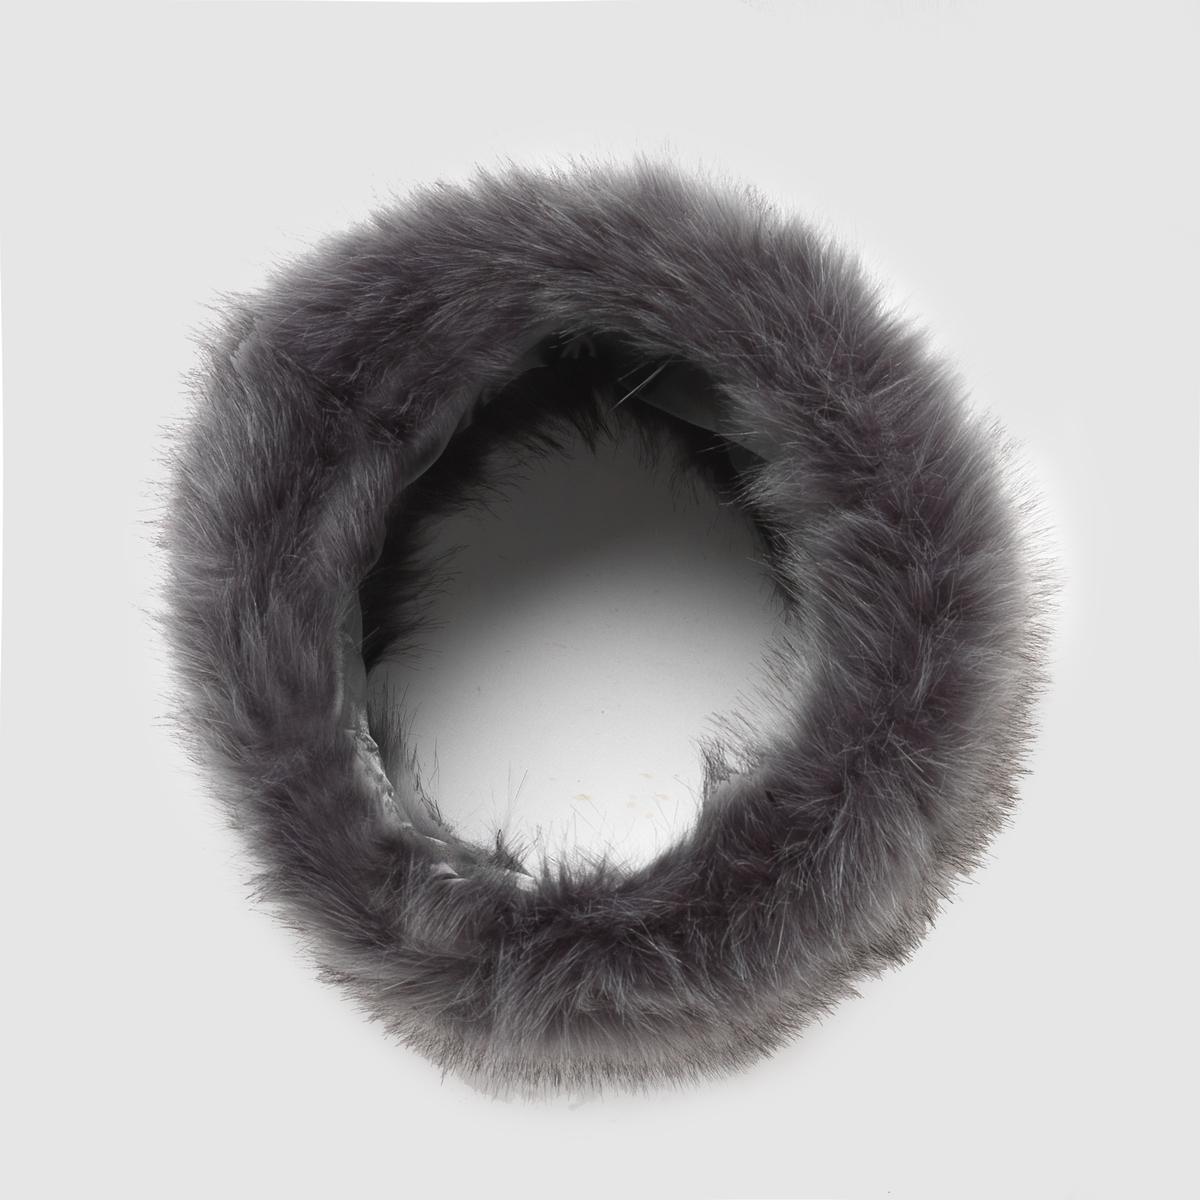 Шарф снуд из искусственного мехаШарф снуд R studio. Комфортный и современный шарф снуд из искусственного меха - идеальный стиль, чтобы сделать Ваш образ элегантным в этом сезоне.Состав и описаниеМатериал : 100% синтетикаРазмер : Ш.34 x В.16 смМарка : R studio<br><br>Цвет: зеленый,серый<br>Размер: единый размер.единый размер